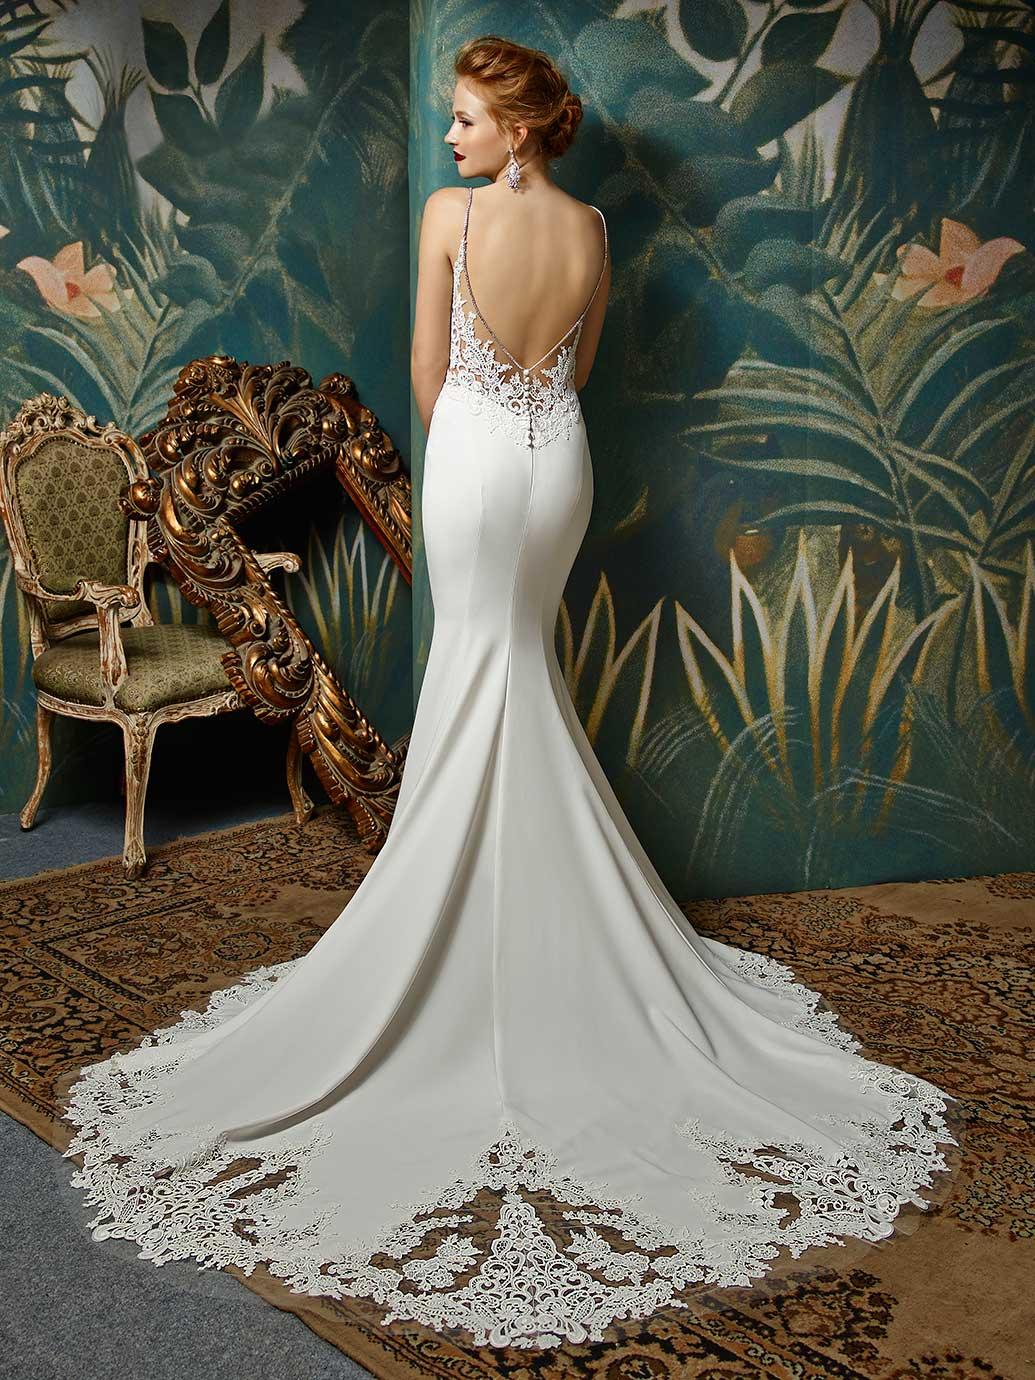 Star Bridal Wear Wedding Dresses Bedford Milton Keynes